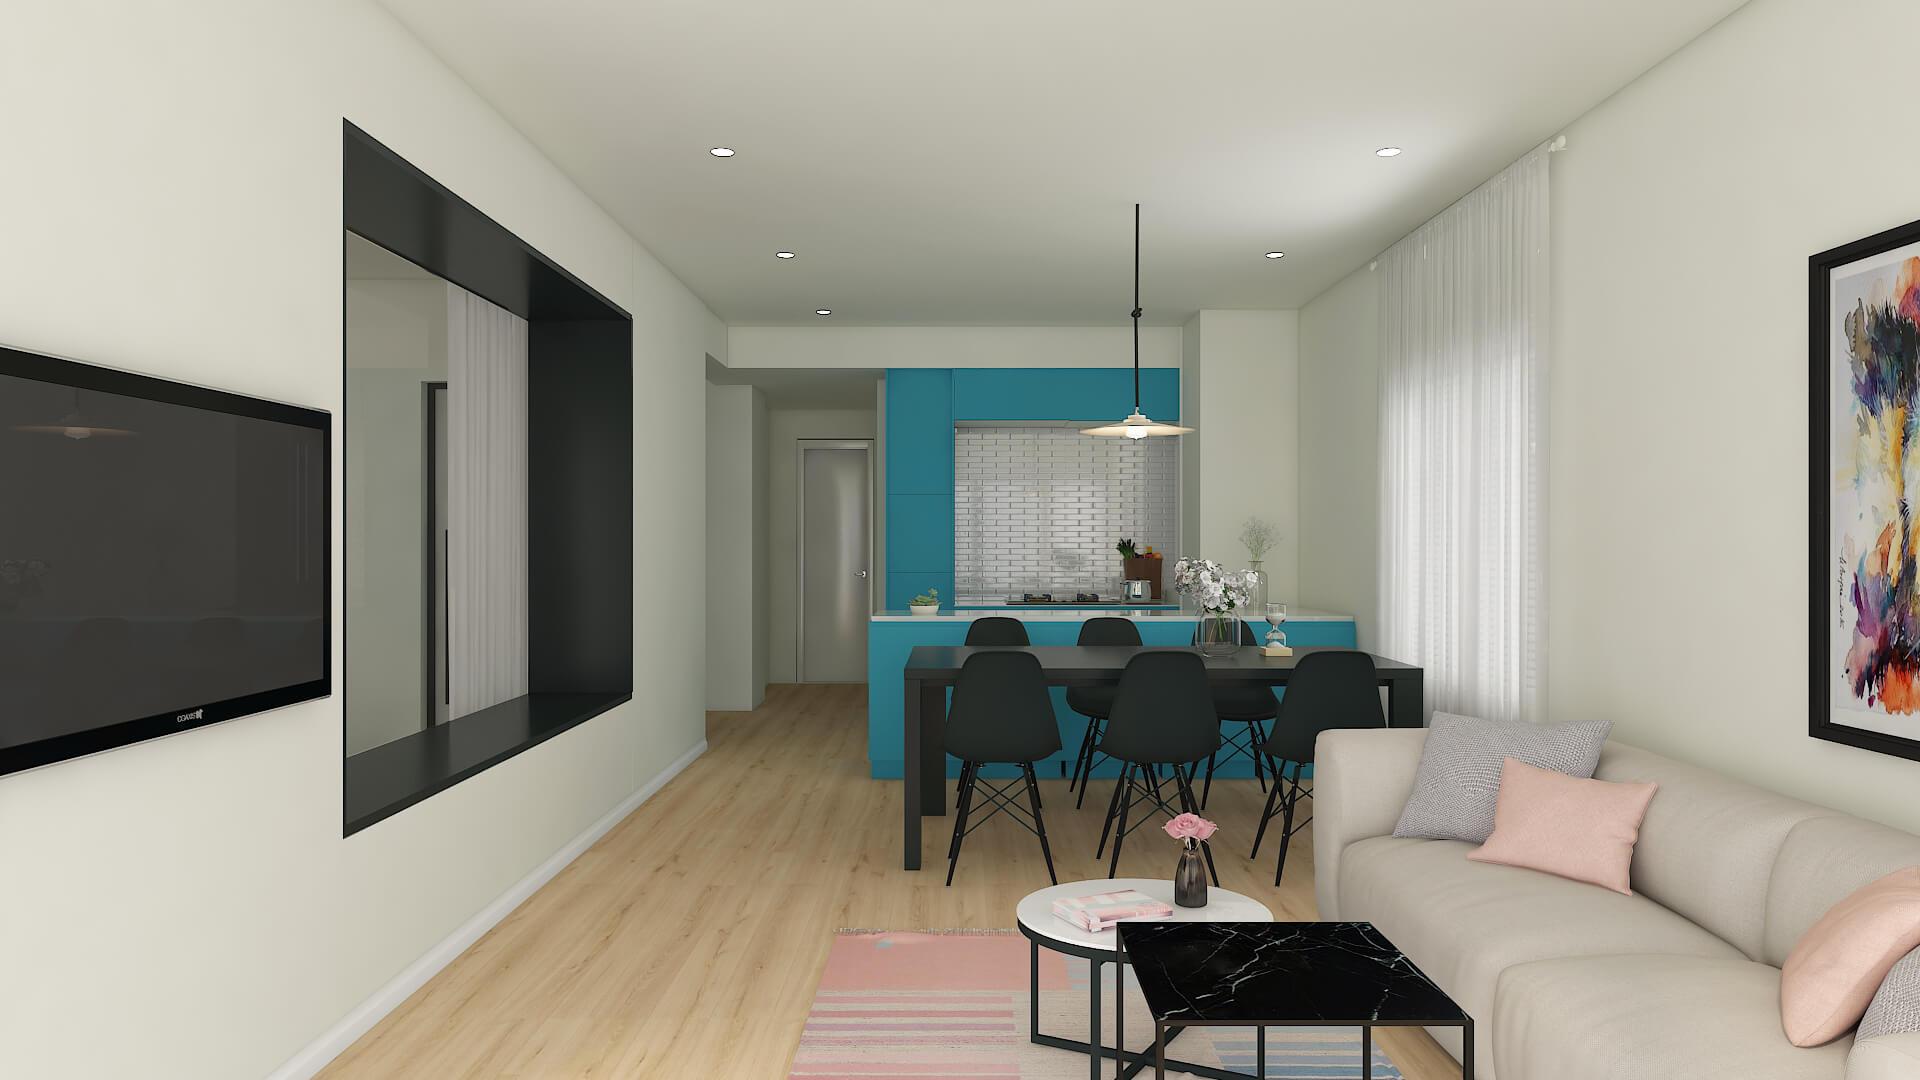 20 Best Contemporary Interior Design Ideas for Your Home   Foyr